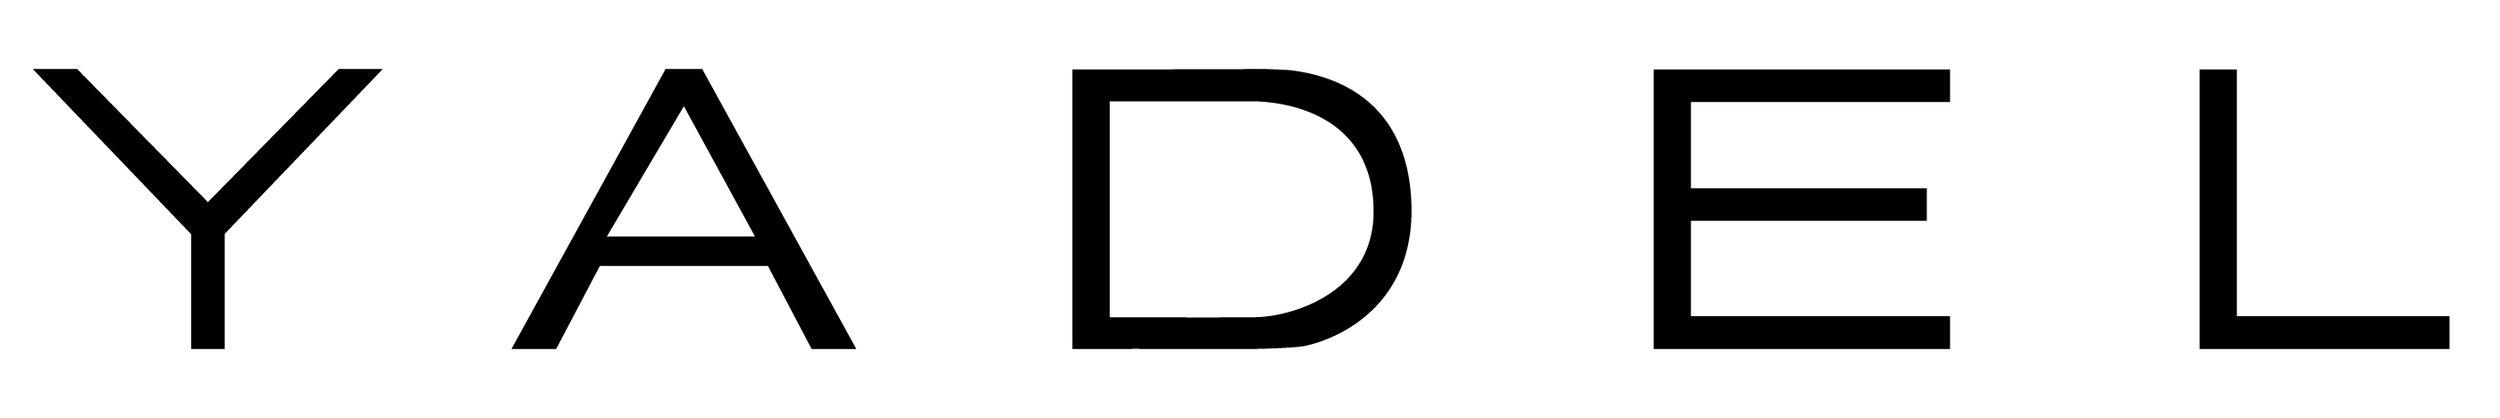 New logotype